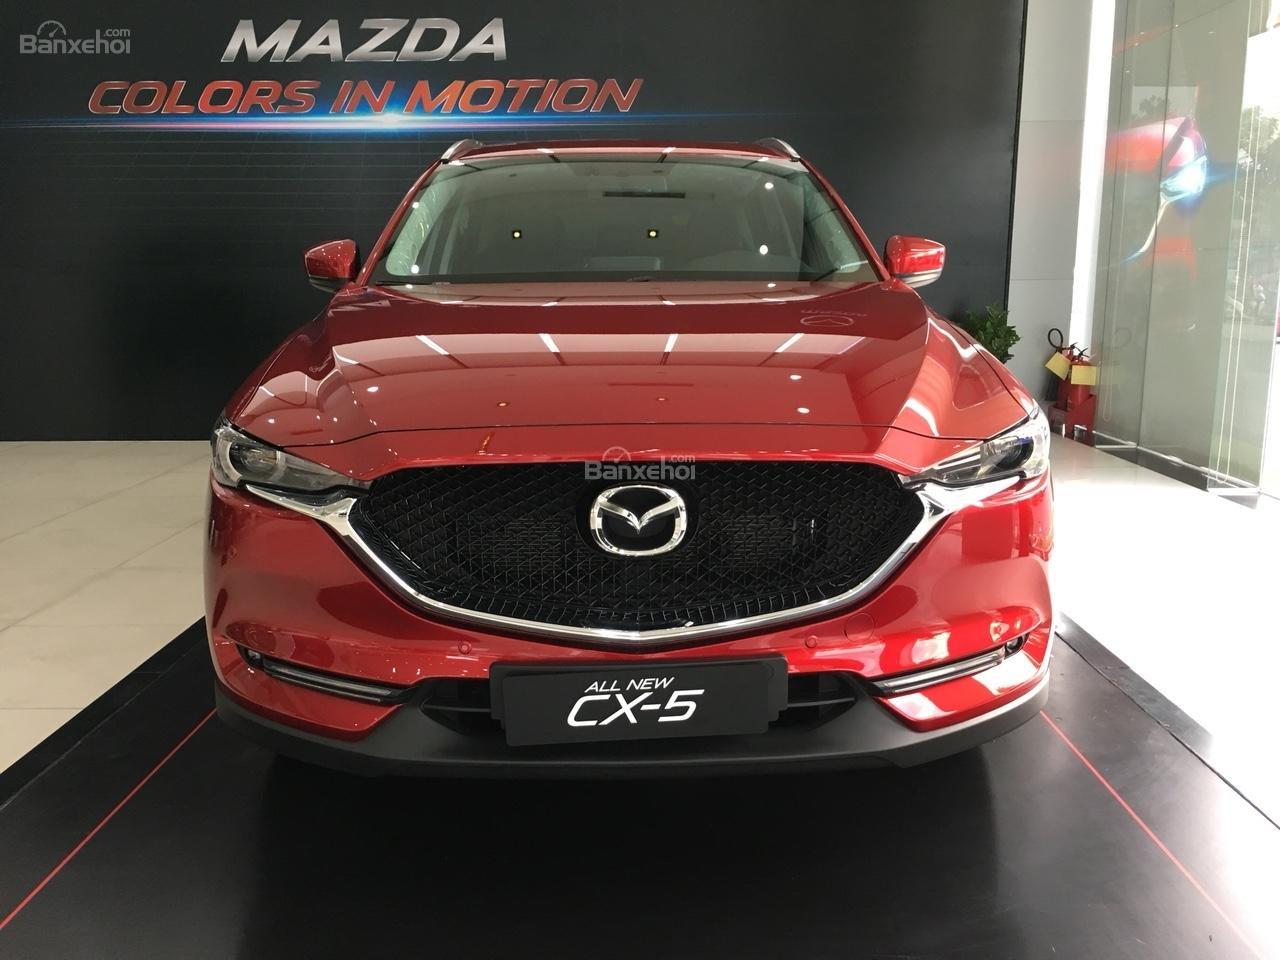 Bán xe Mazda New CX5 2019 đầy đủ màu có xe giao ngay giảm trực tiếp 32Tr khi liên hệ  0938.907.952-0